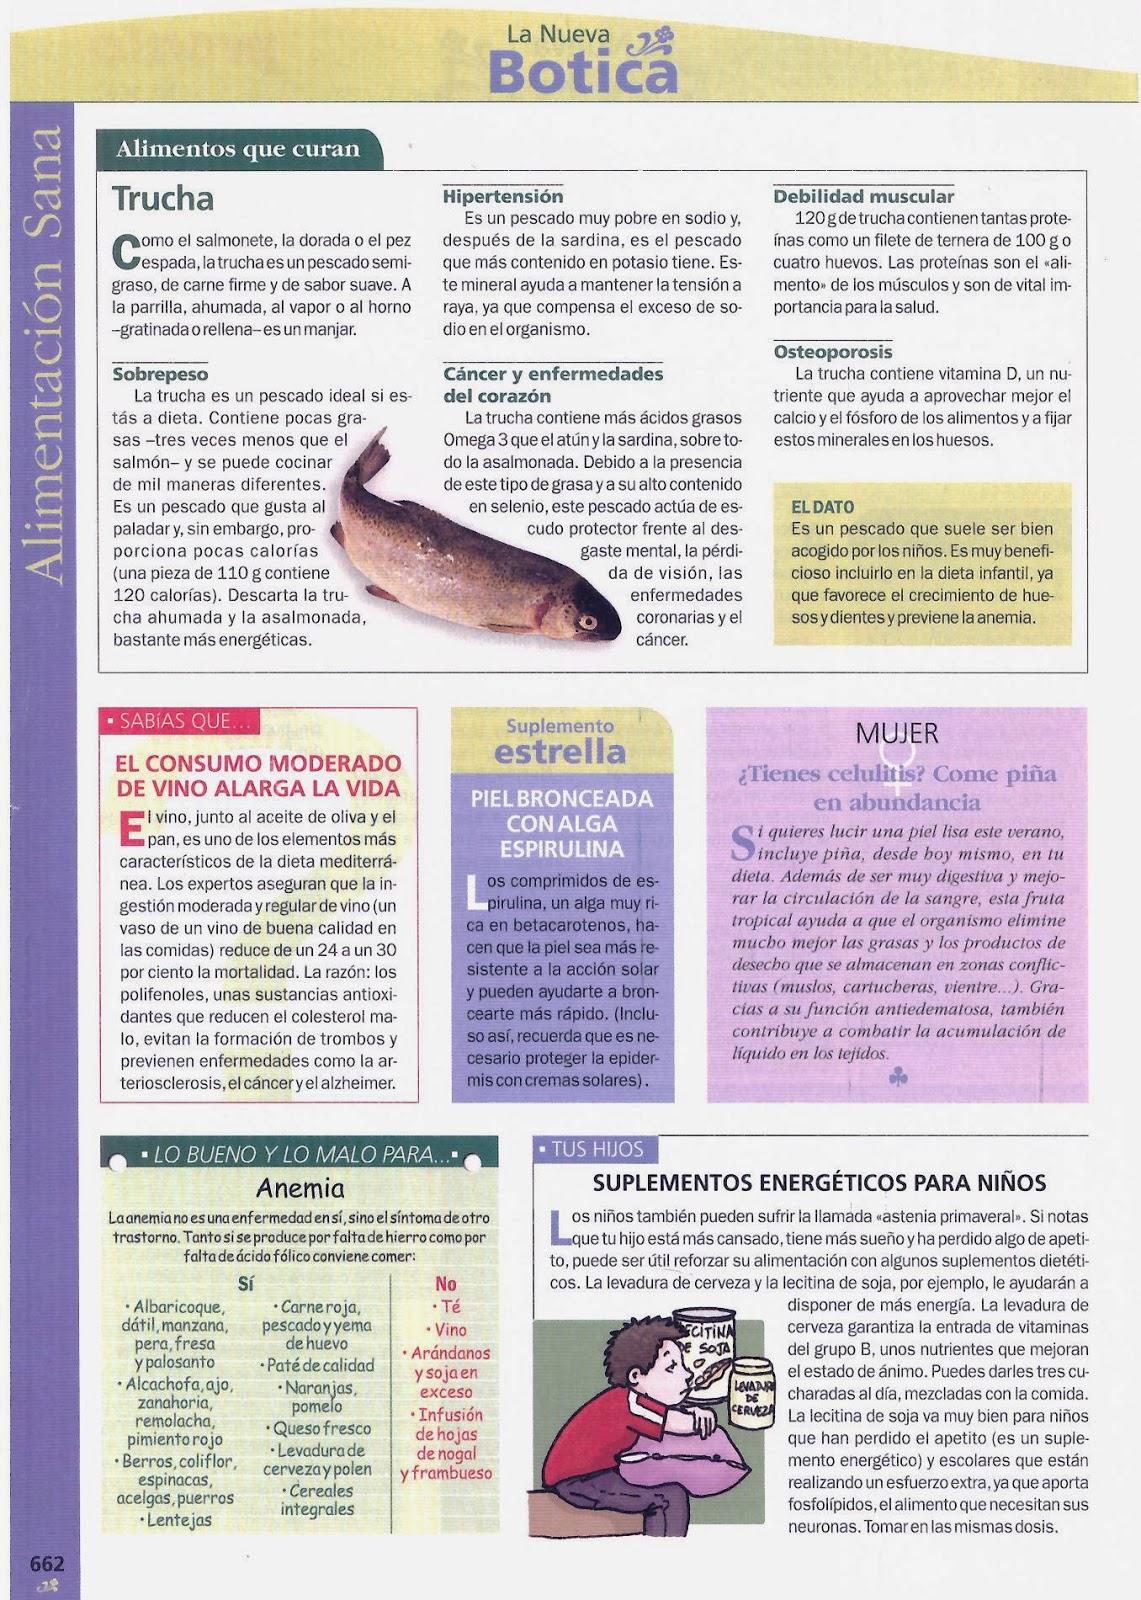 Queso es malo para el acido urico sintomas de tener el acido urico bajo apio espana para acido - Alimentos que ayudan a eliminar el acido urico ...